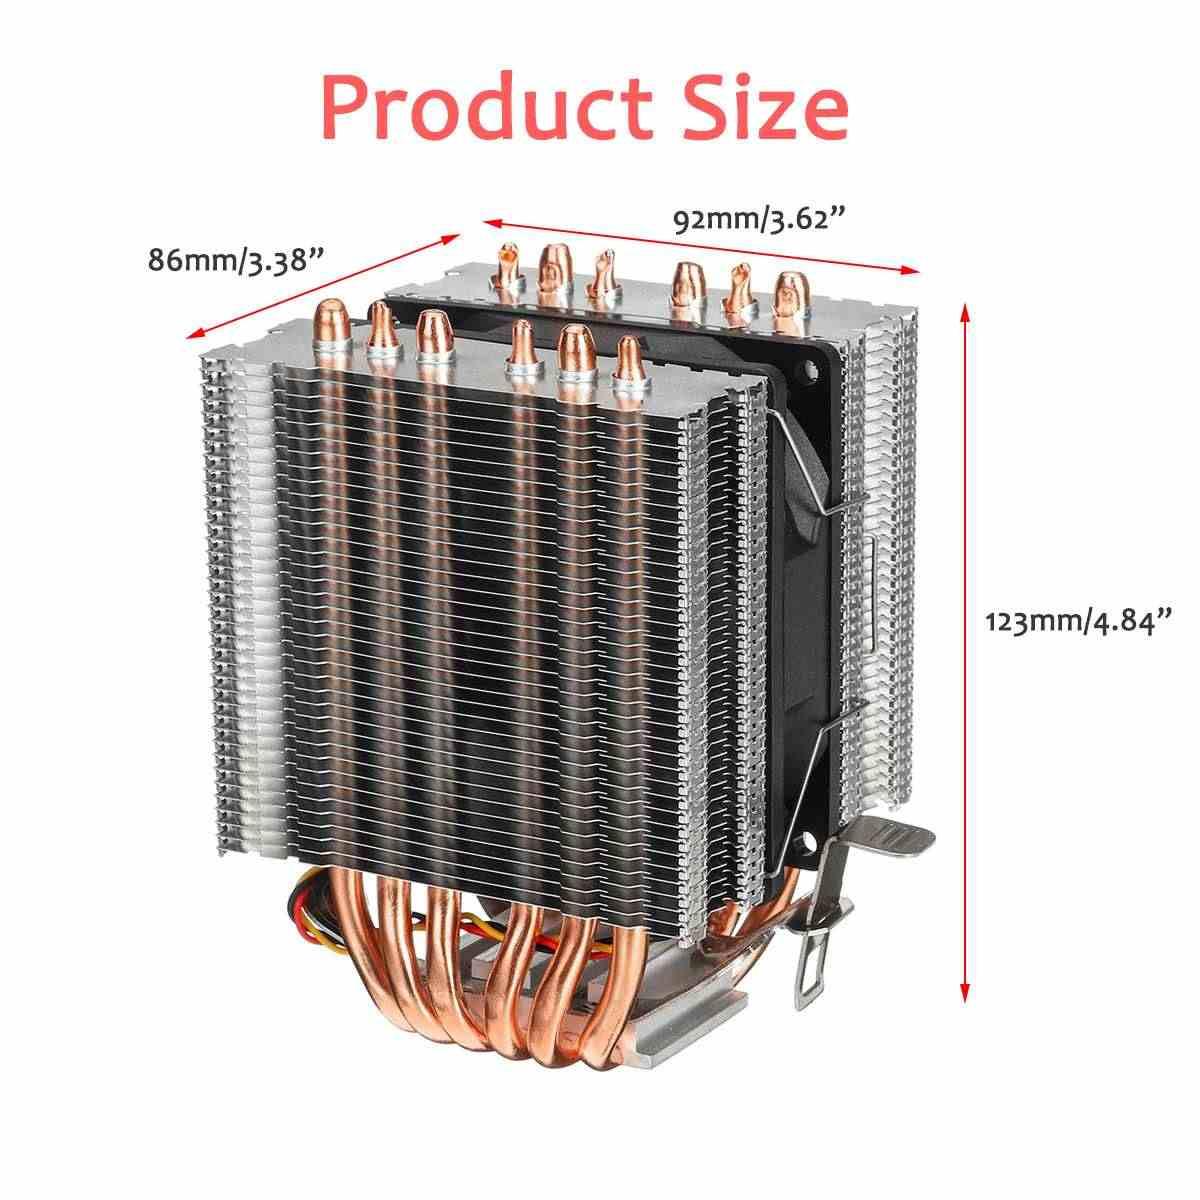 6 ısı borusu 3 Pin tek Fan cpu soğutucu Fan soğutma radyatörü çift kule soğutucu isı emici Fan Intel LGA 1150 için/ 1151/1155 AMD